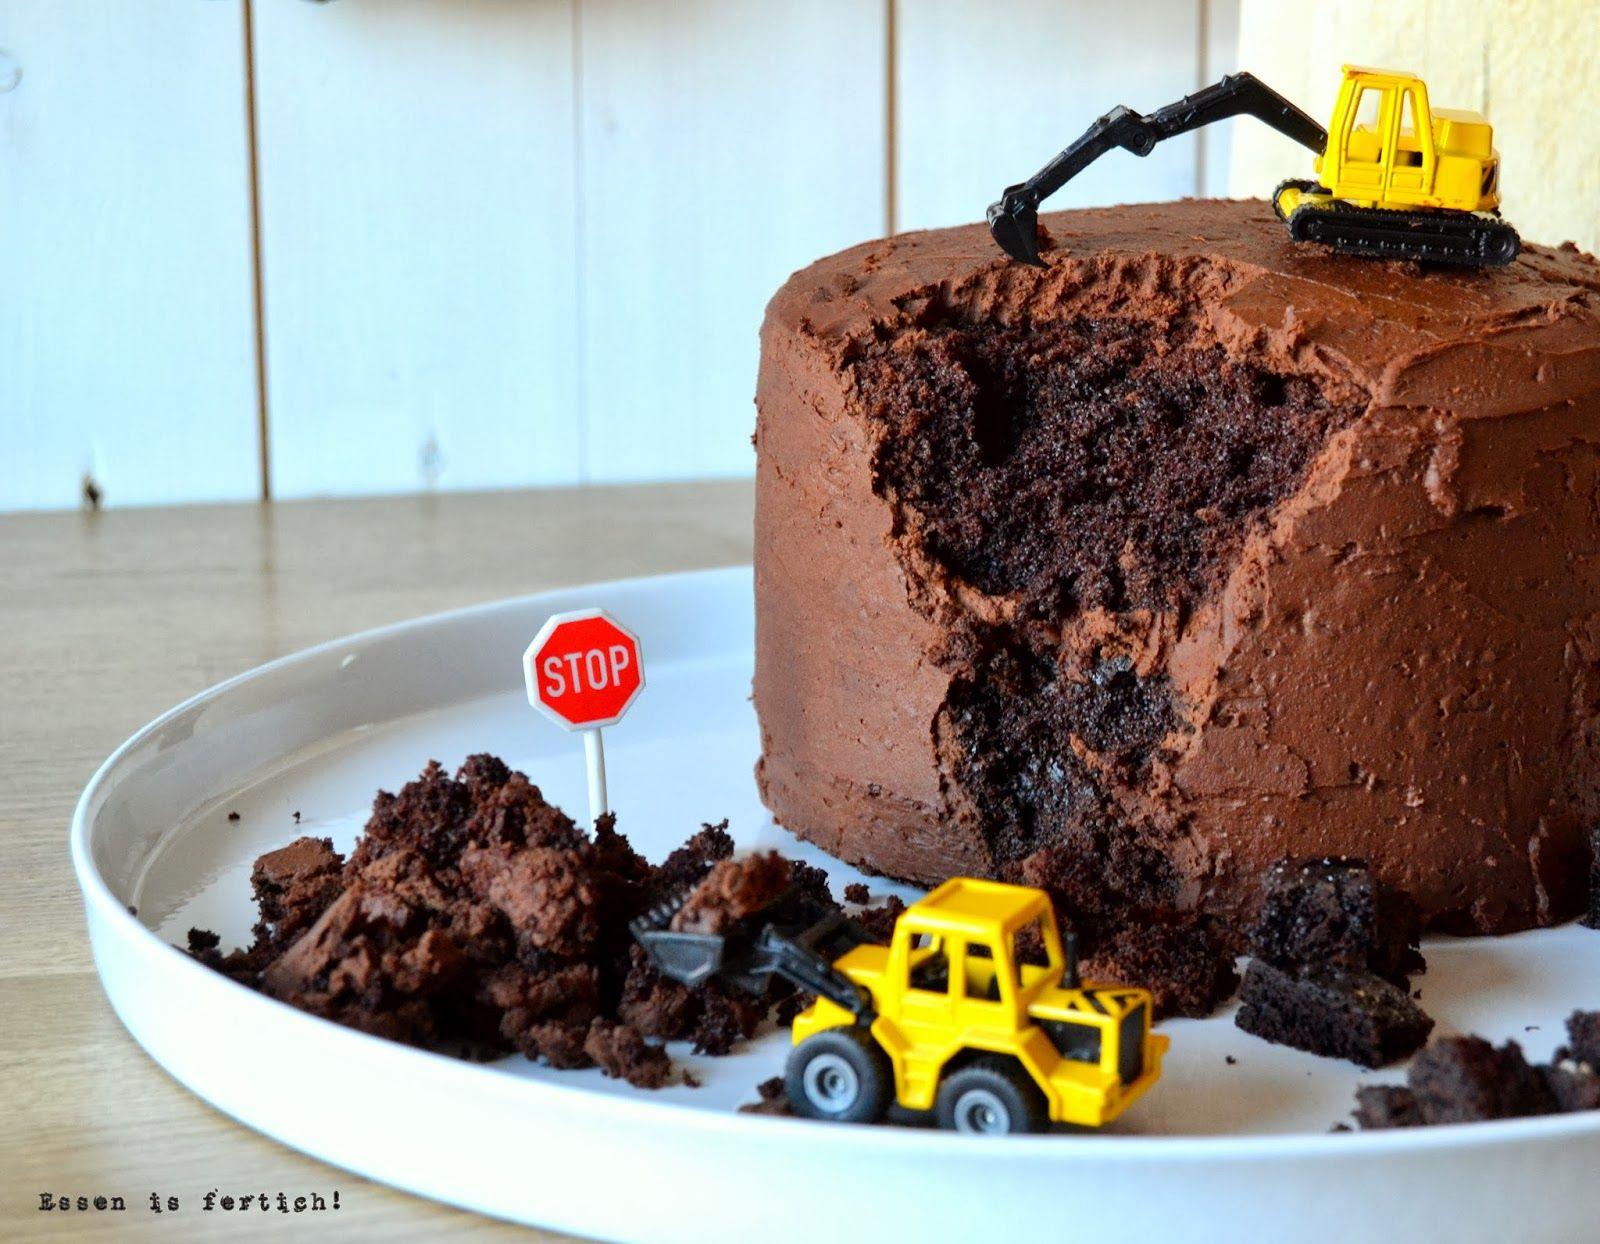 Essen Is Fertich Foto Der Woche 9 Bagger Und Kuchen Cooking